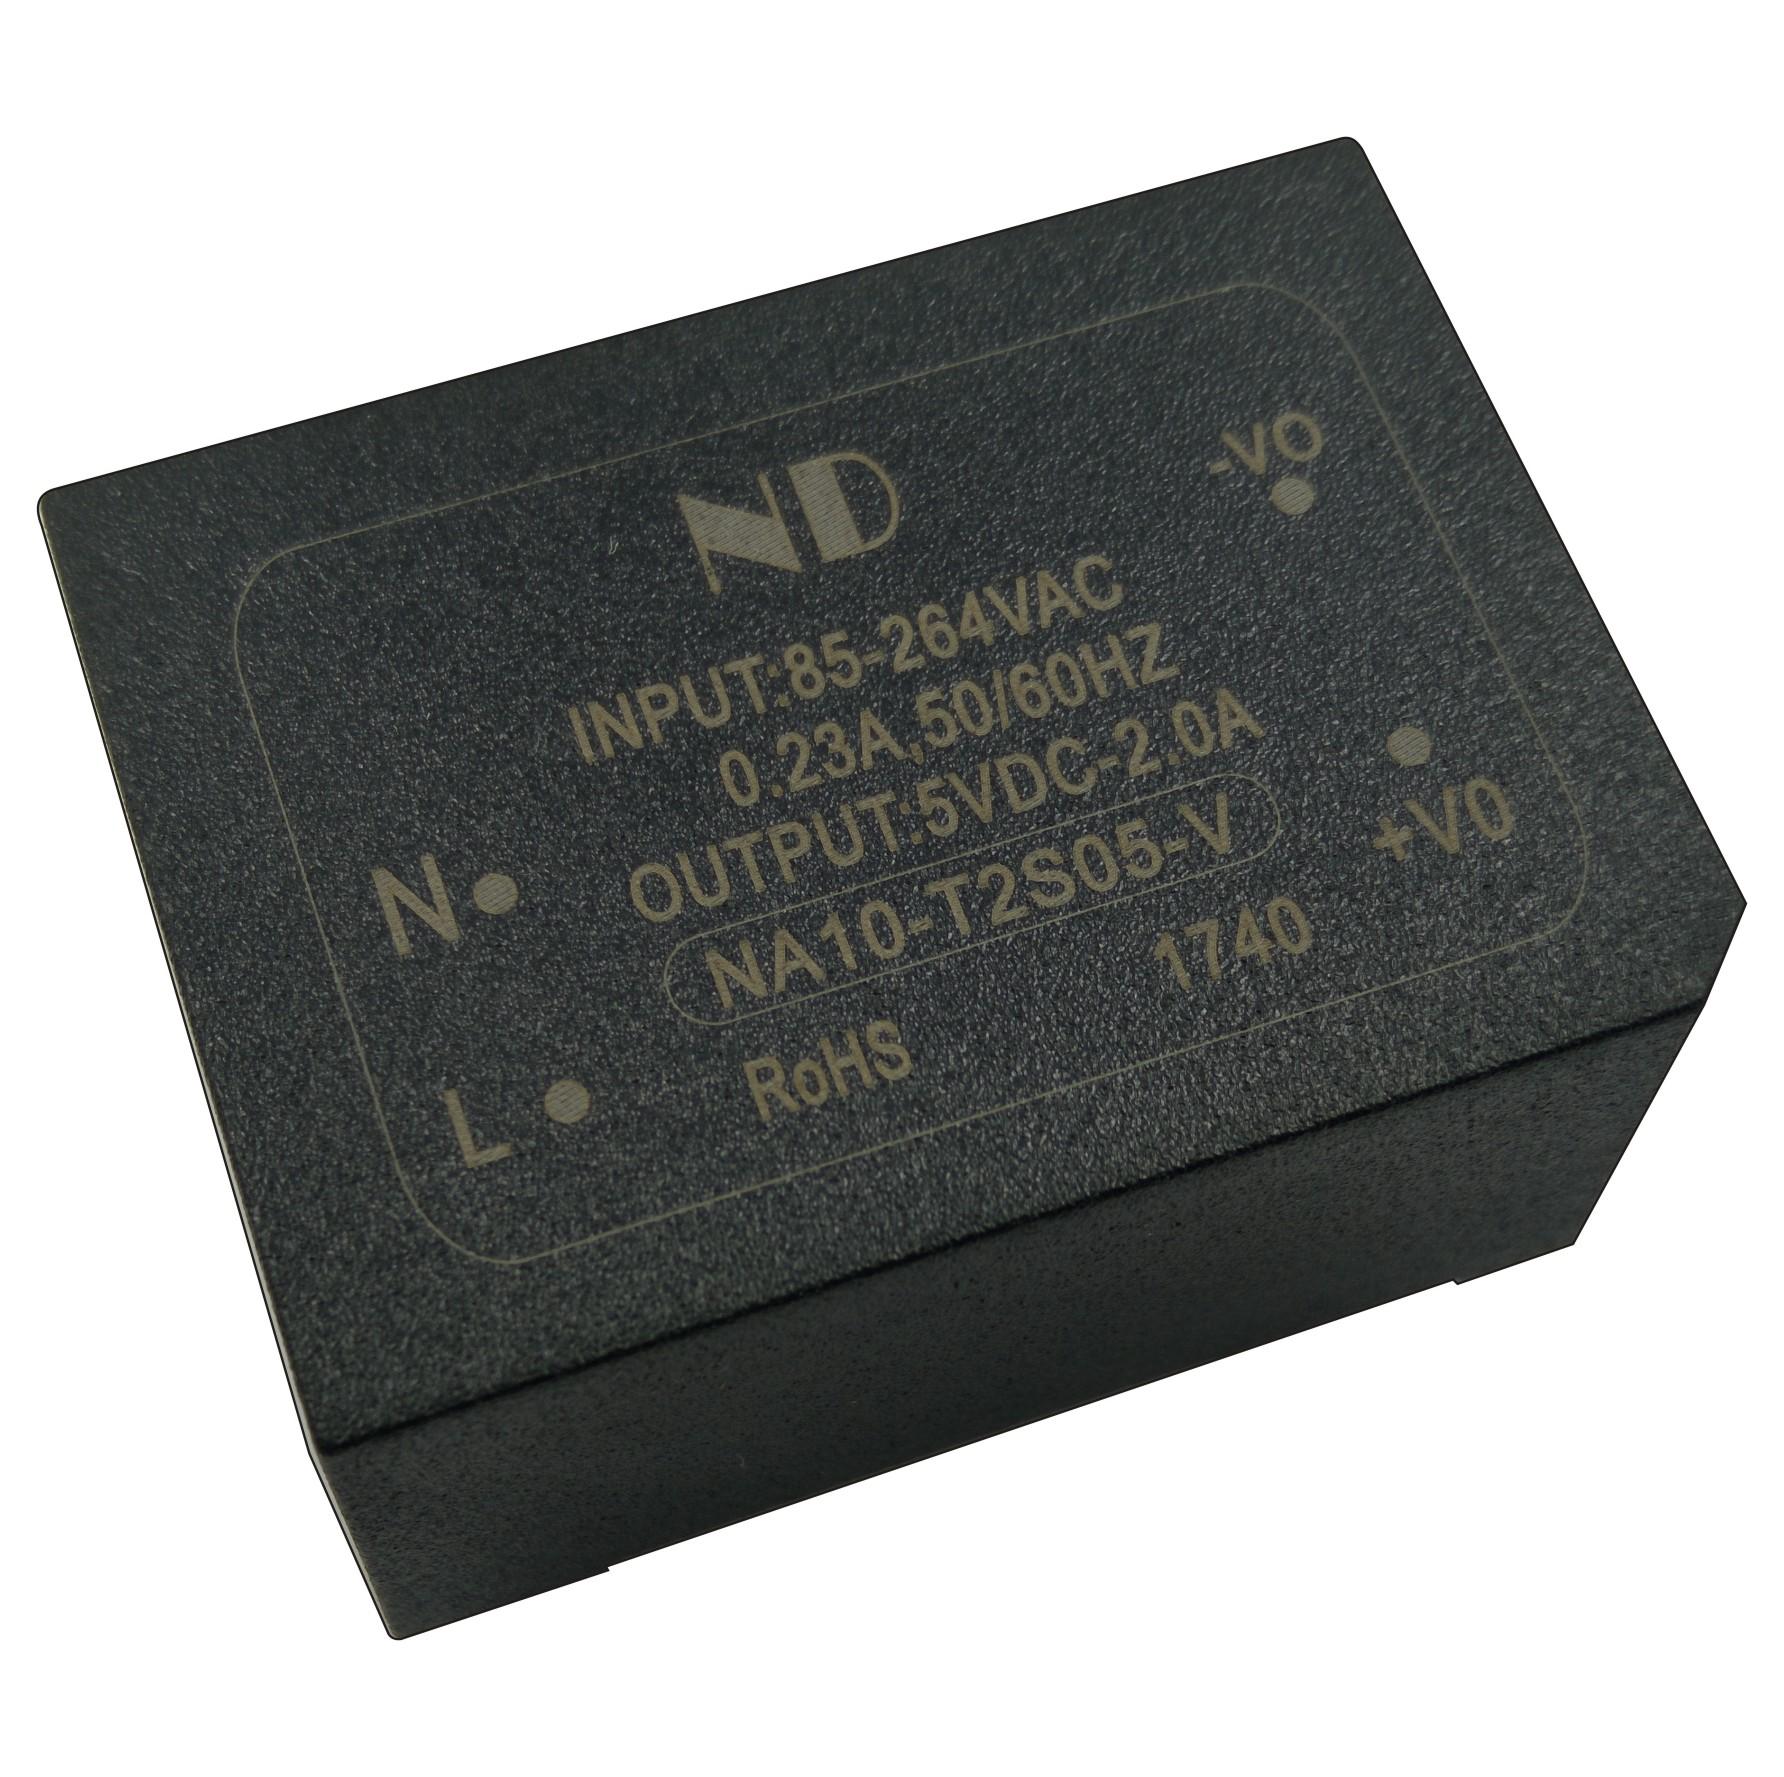 NA10-T2SXX-V